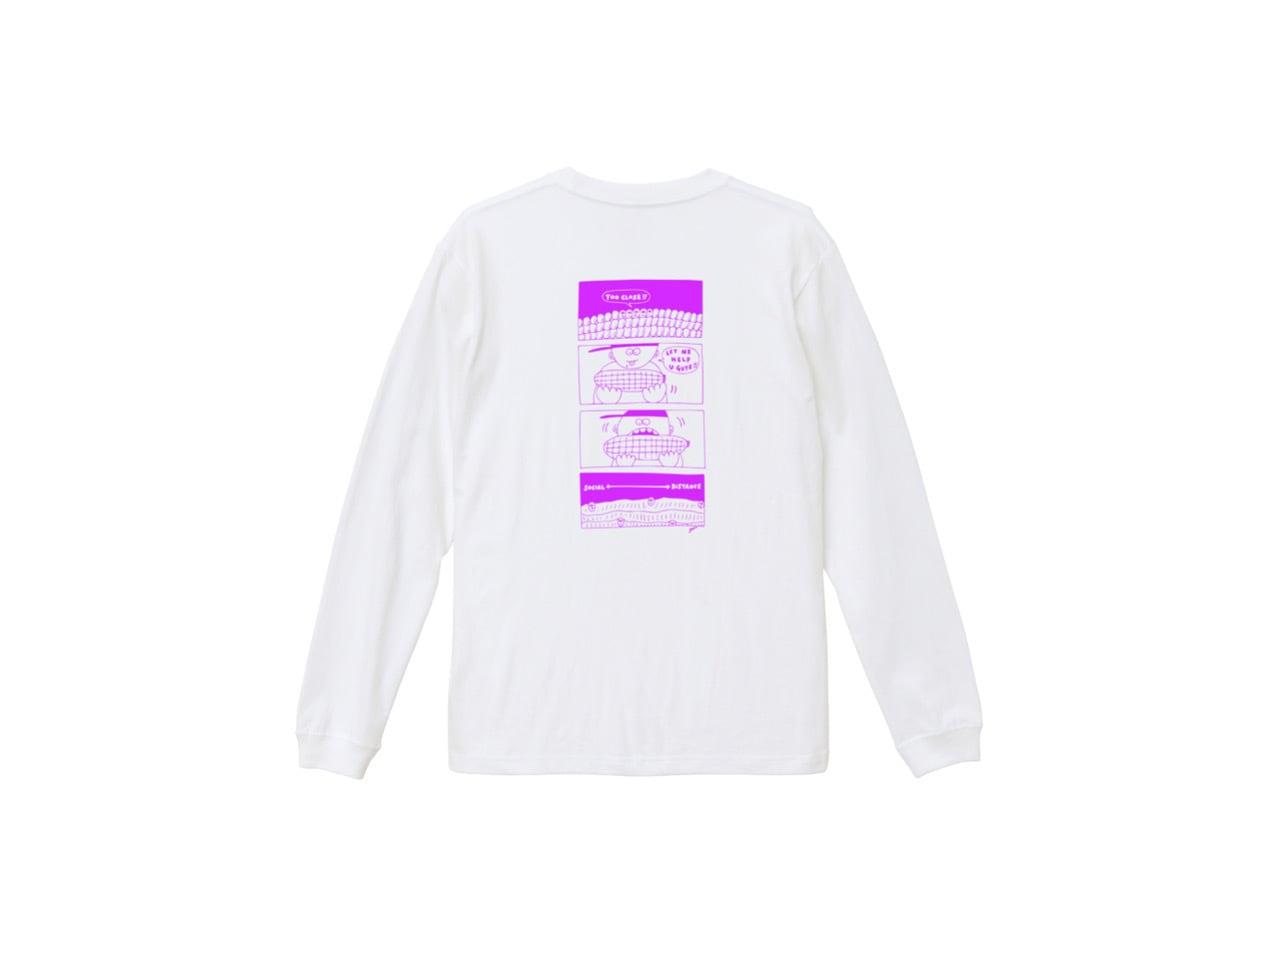 SHI × coguchi Corn SD long T-shirt (WH/PUR)